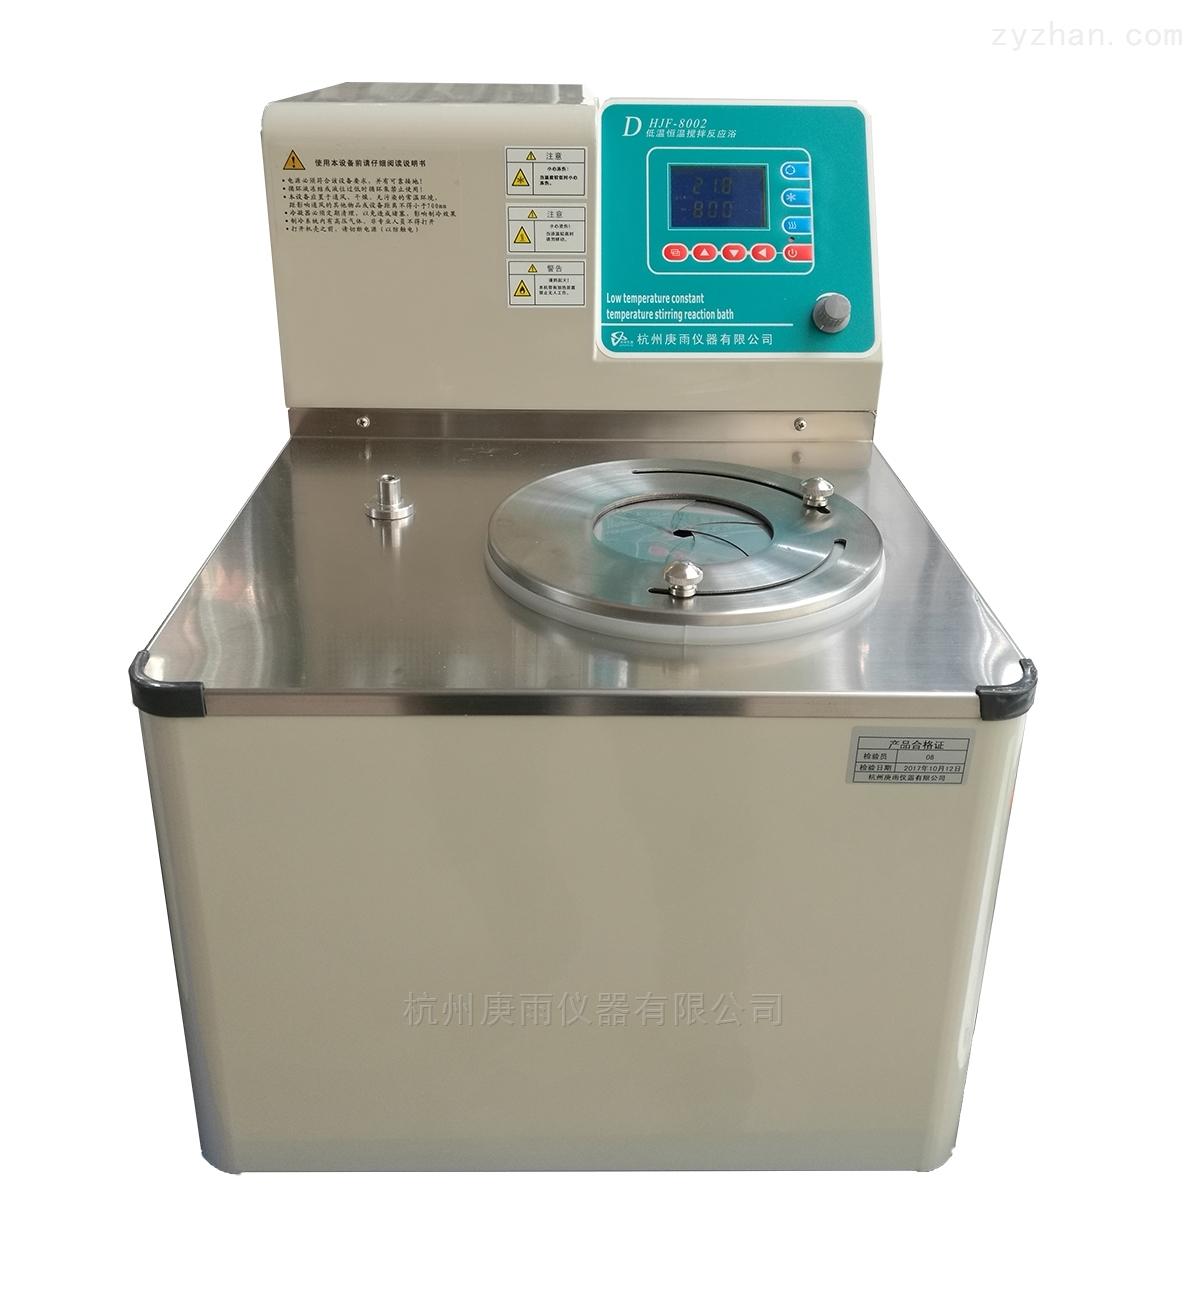 DHJF-8002 立式低温恒温搅拌反应浴